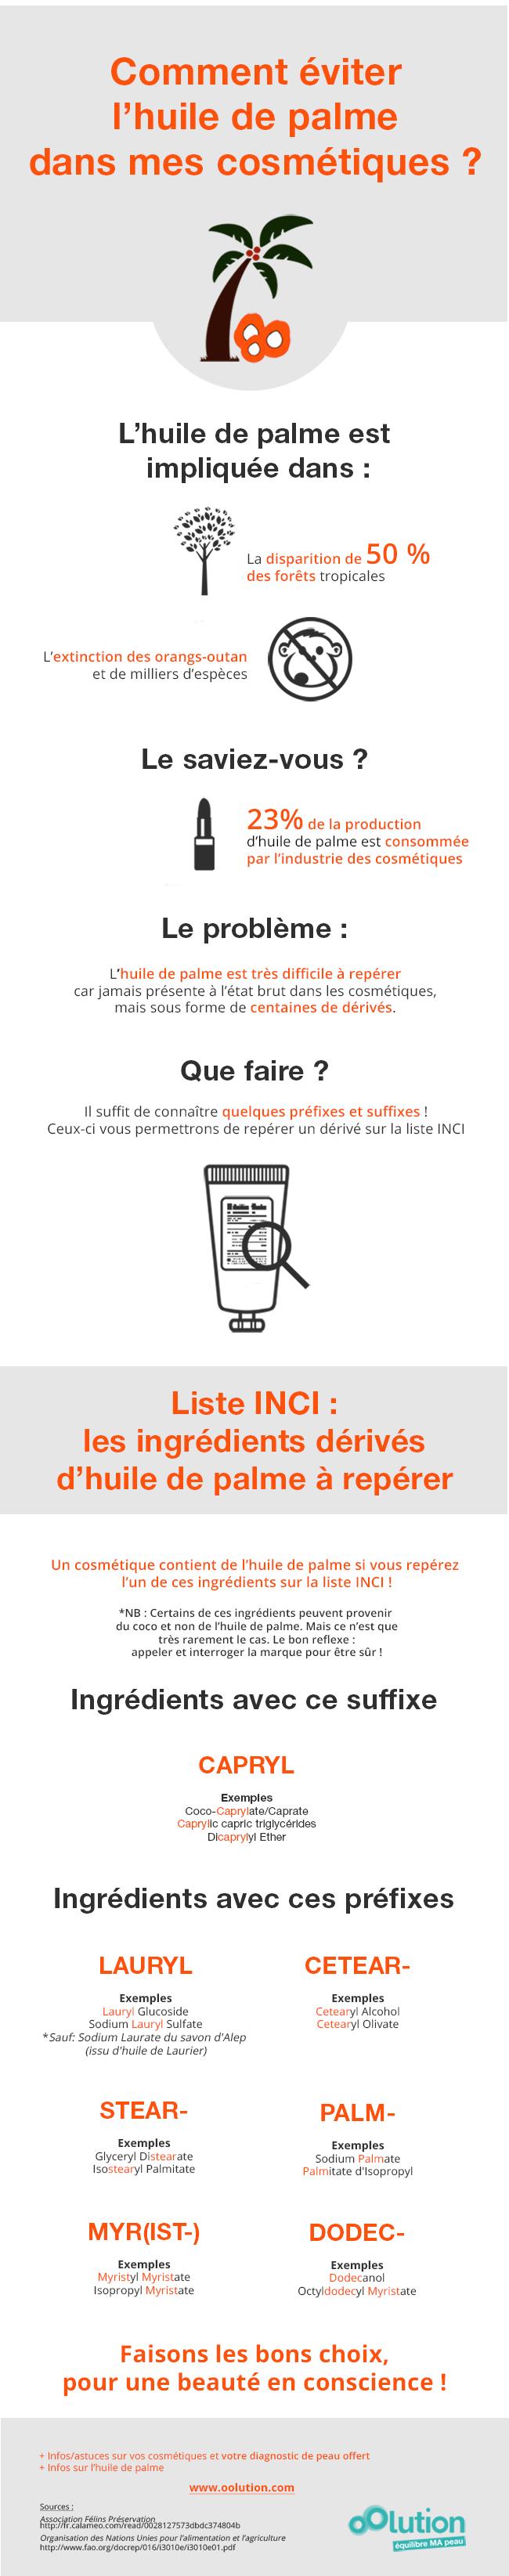 Source : http://www.oolution.com/bloog/blog/2015/01/13/huile-de-palme-cosmetiques-comment-reperer/